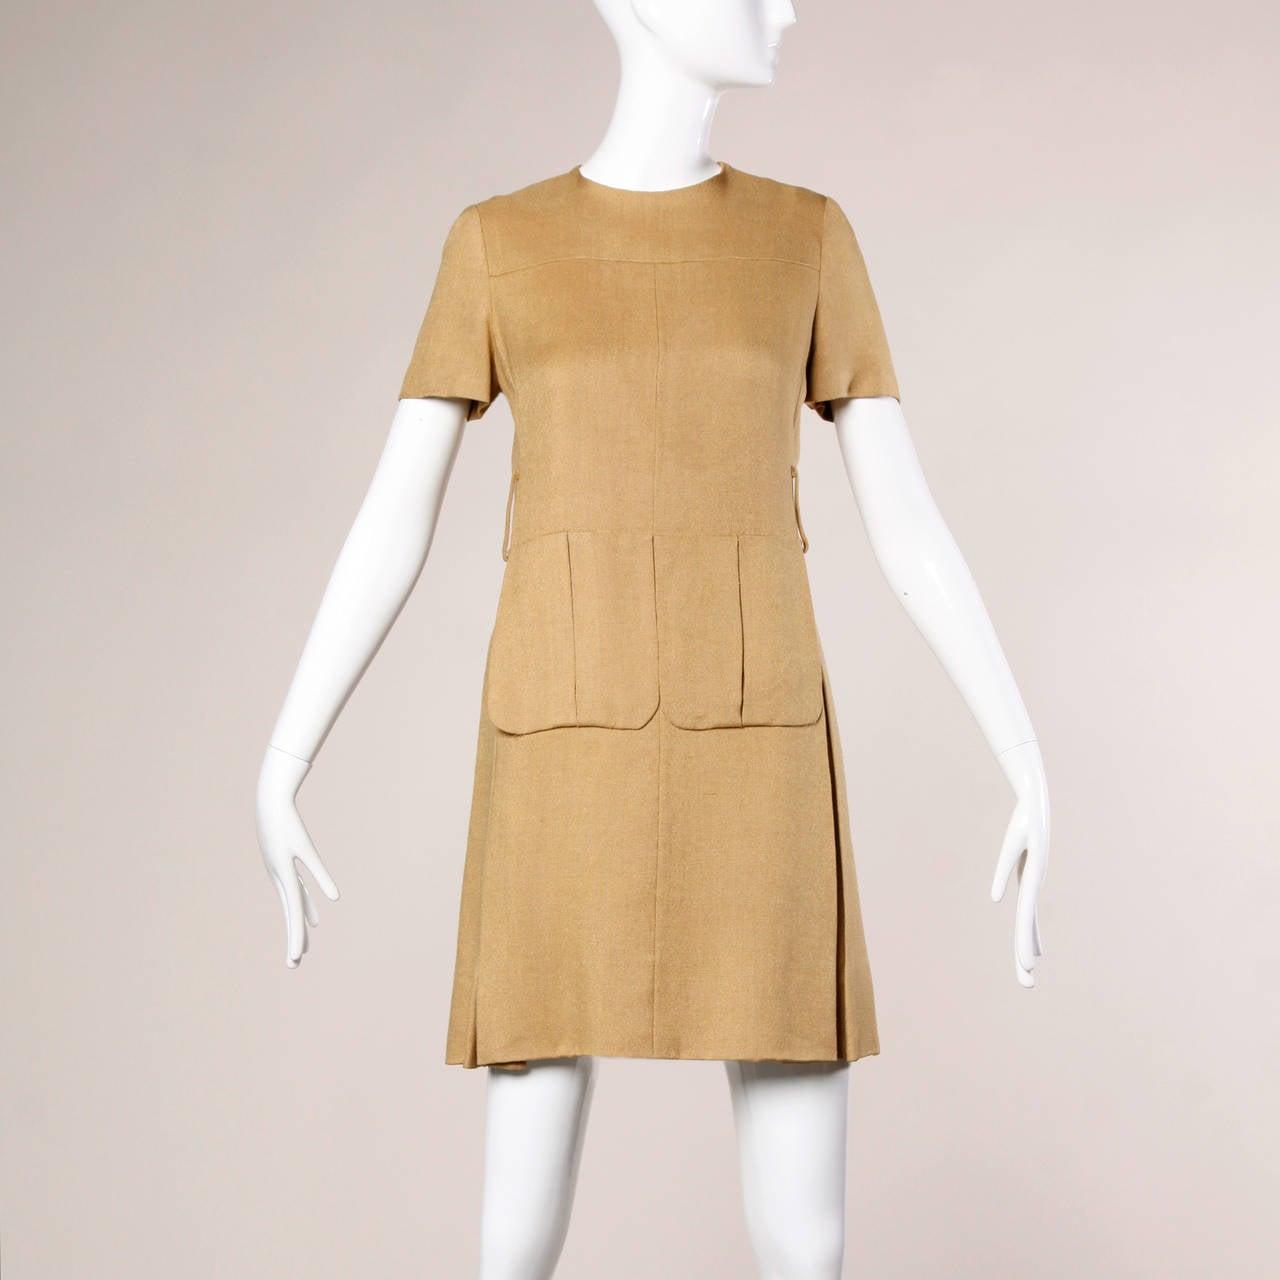 Donald Brooks 1960s Mod Vintage Camel Linen + Silk Dress with Belt For Sale 1